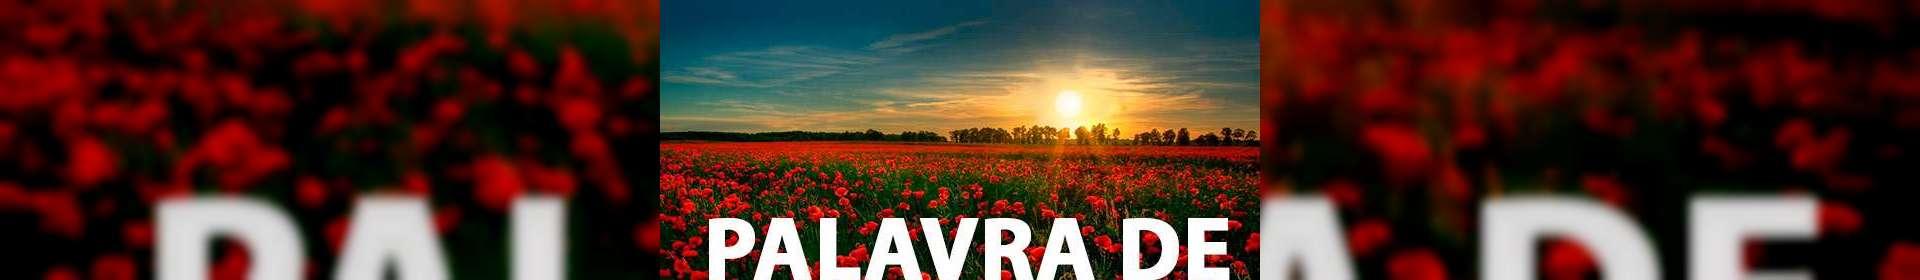 Salmos 121:1 - Uma Palavra de Esperança para sua vida